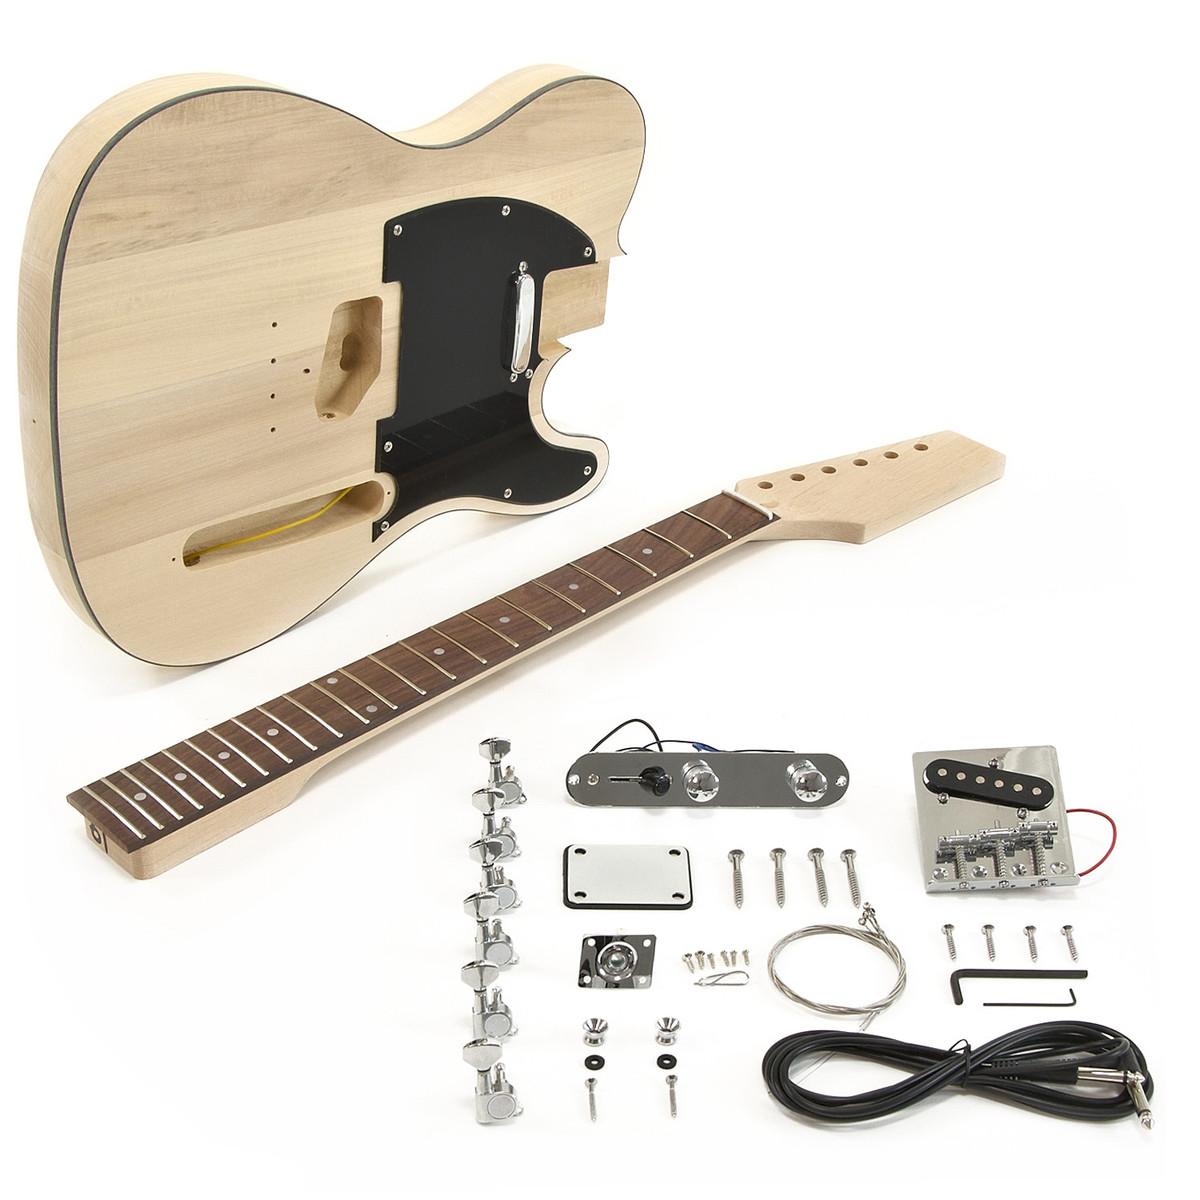 knoxville electric guitar diy kit at. Black Bedroom Furniture Sets. Home Design Ideas